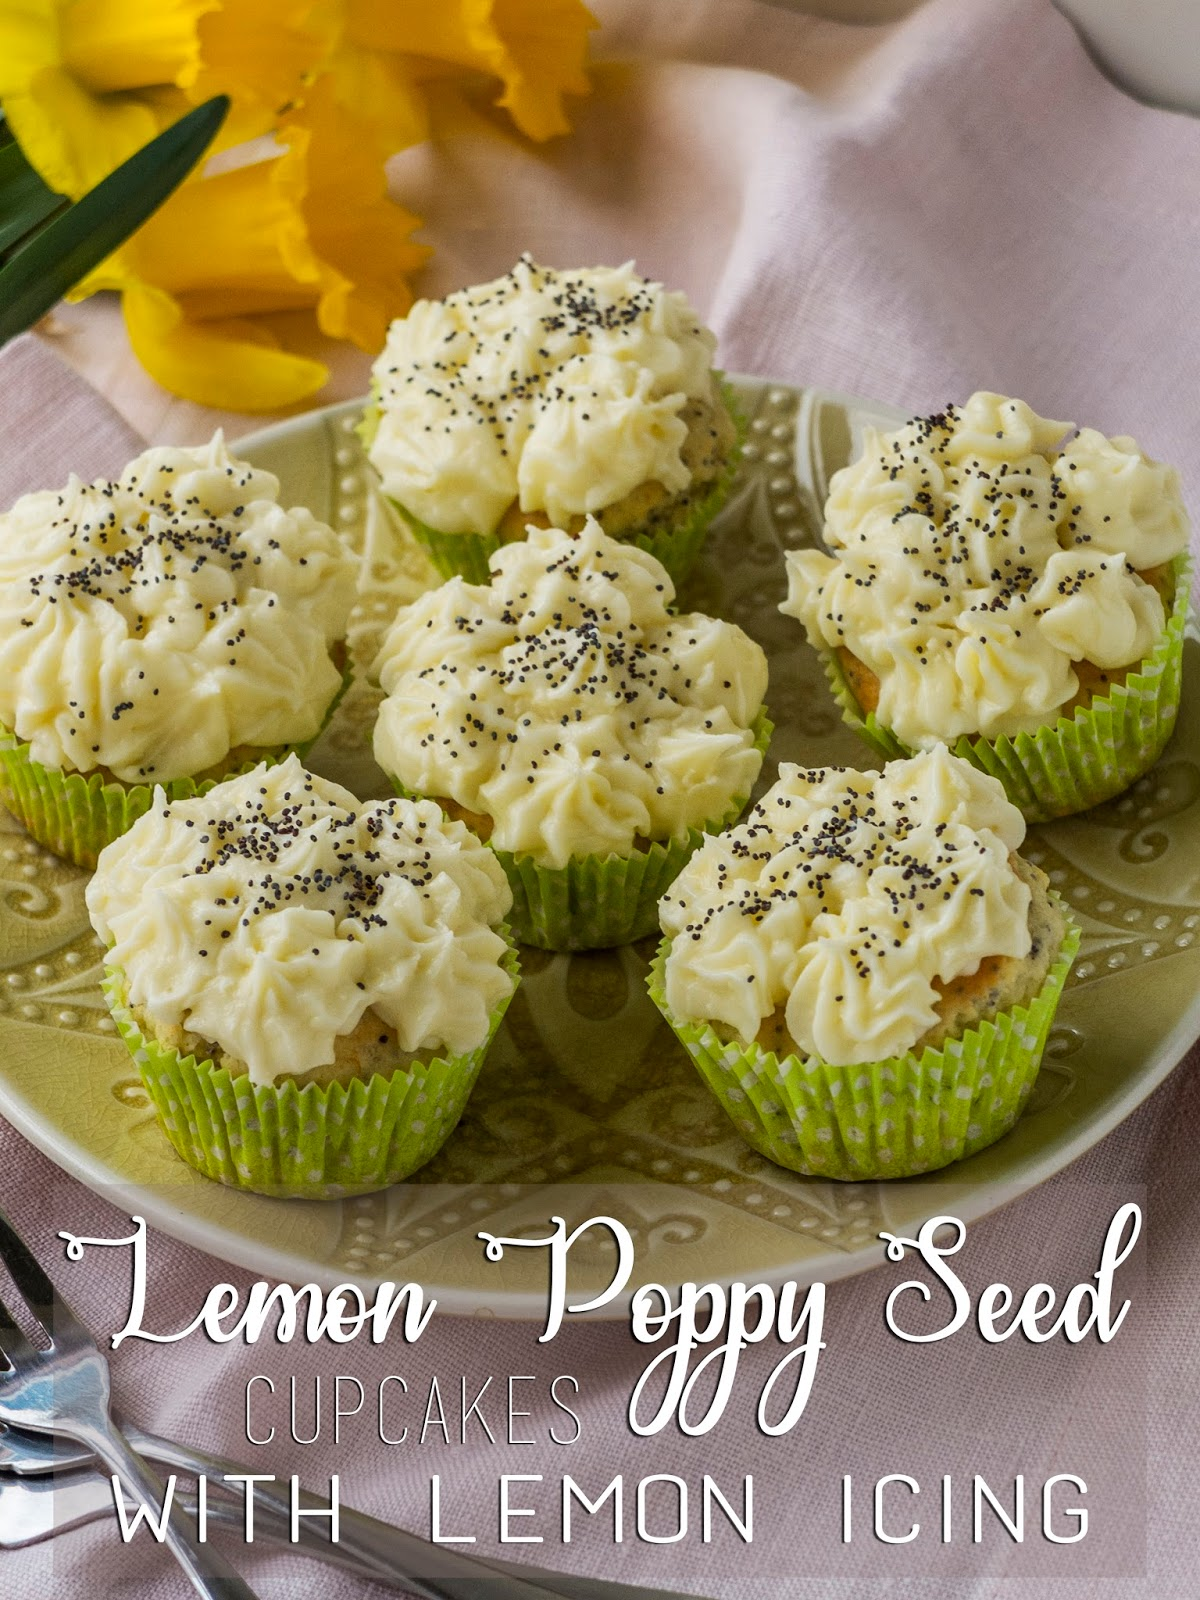 Iced lemon cupcakes arranged on a plate.